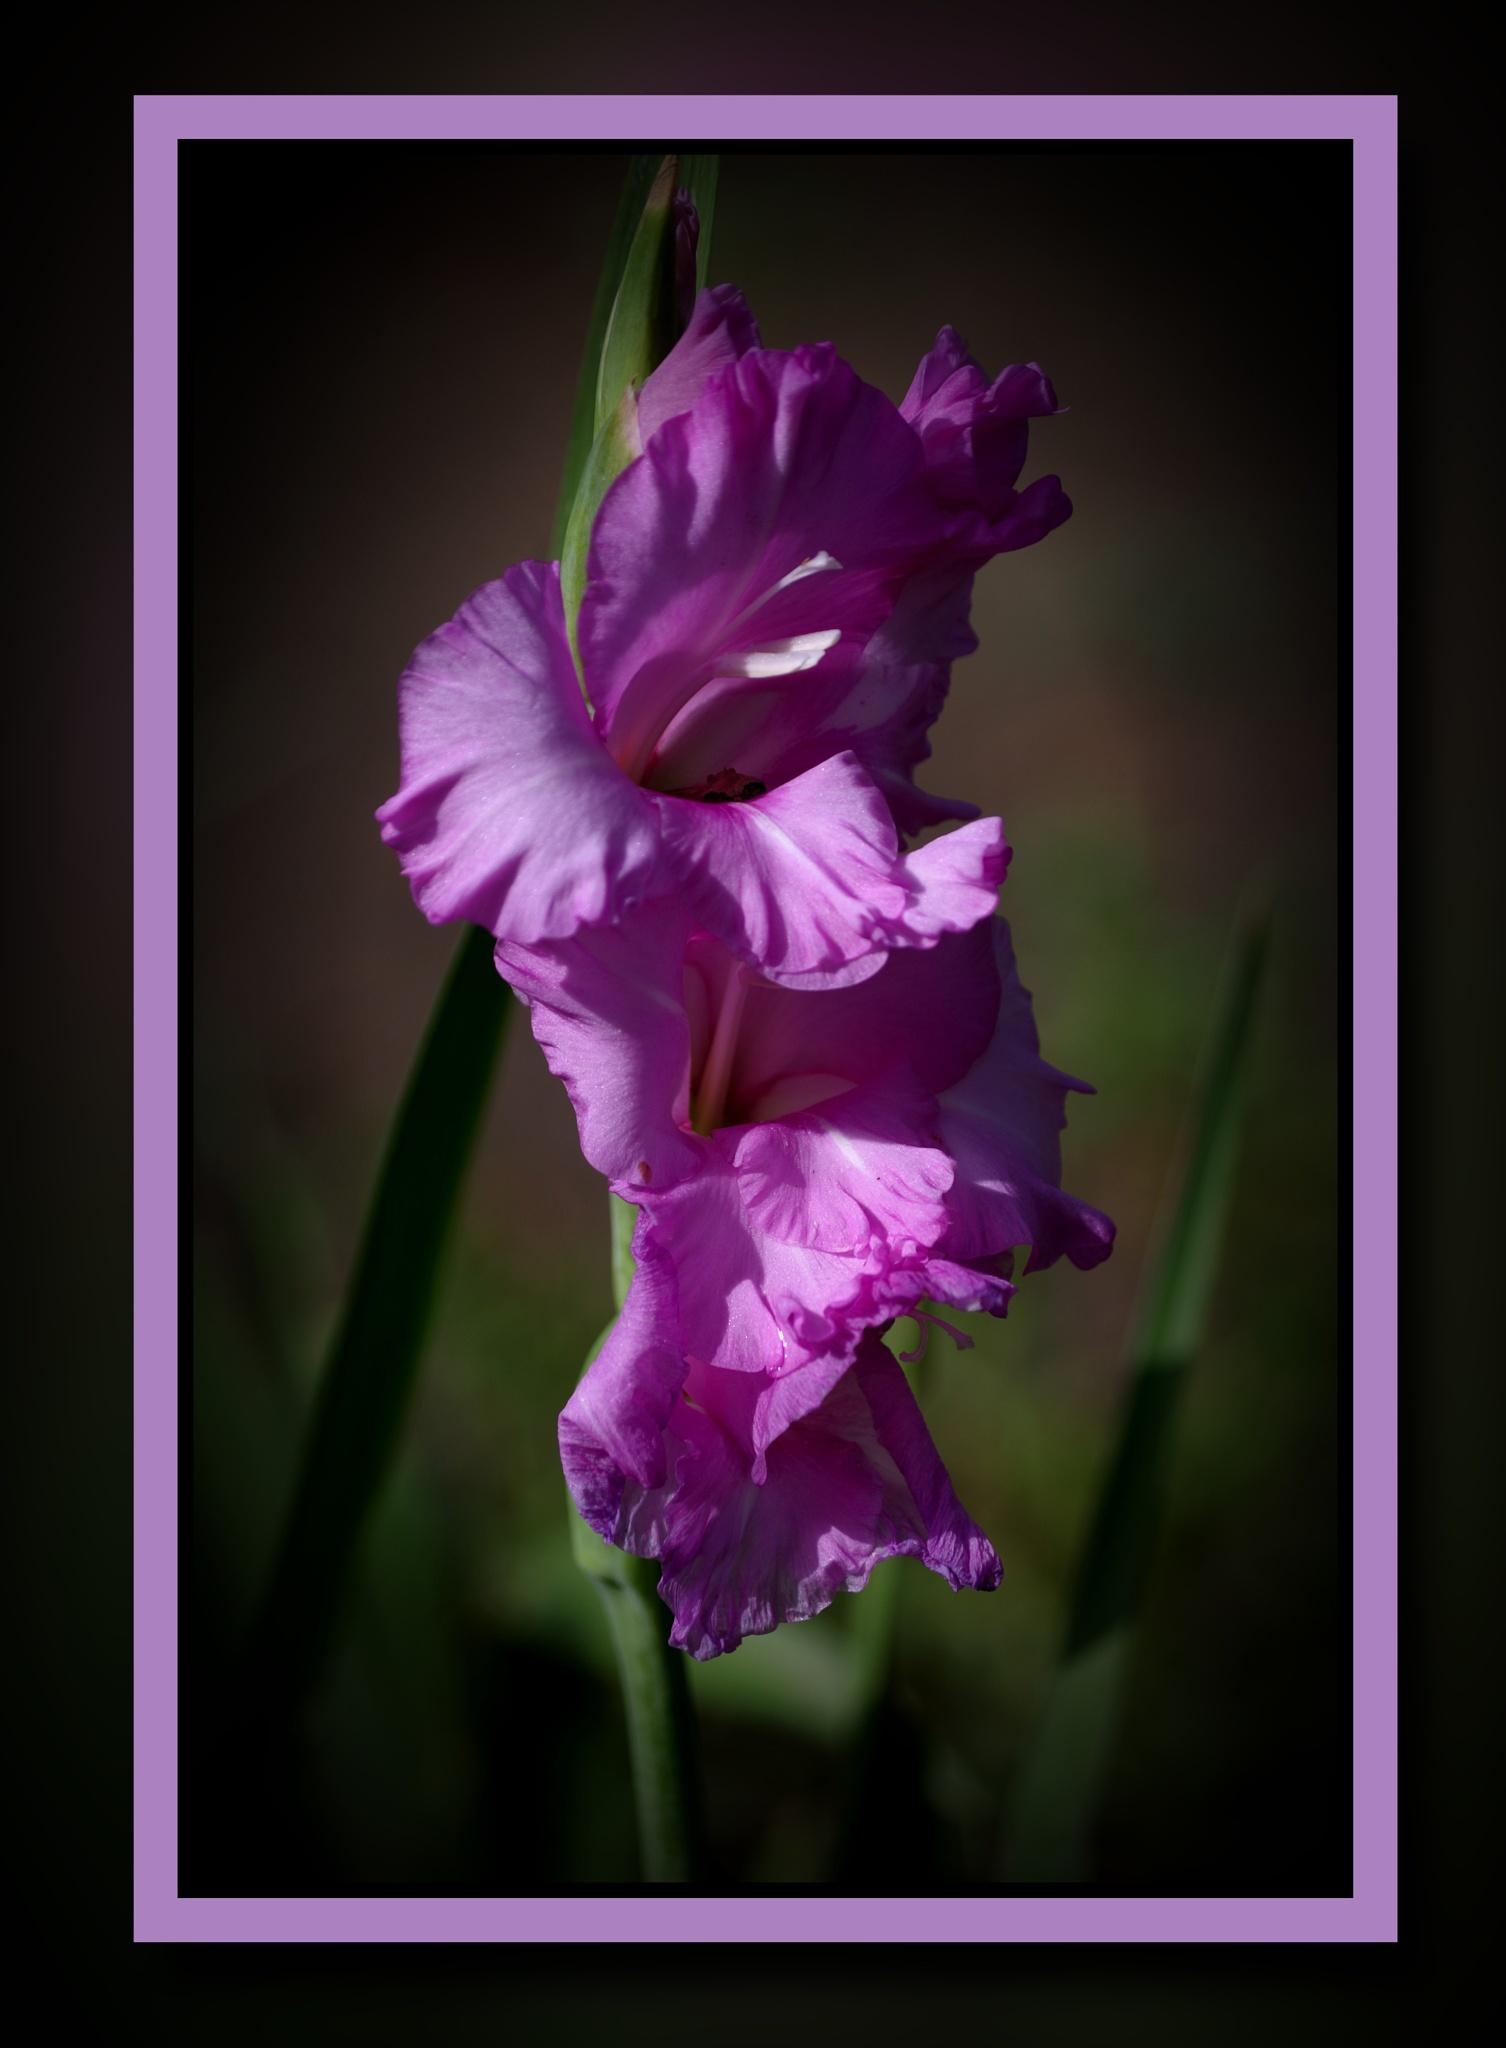 gladiola by david8900